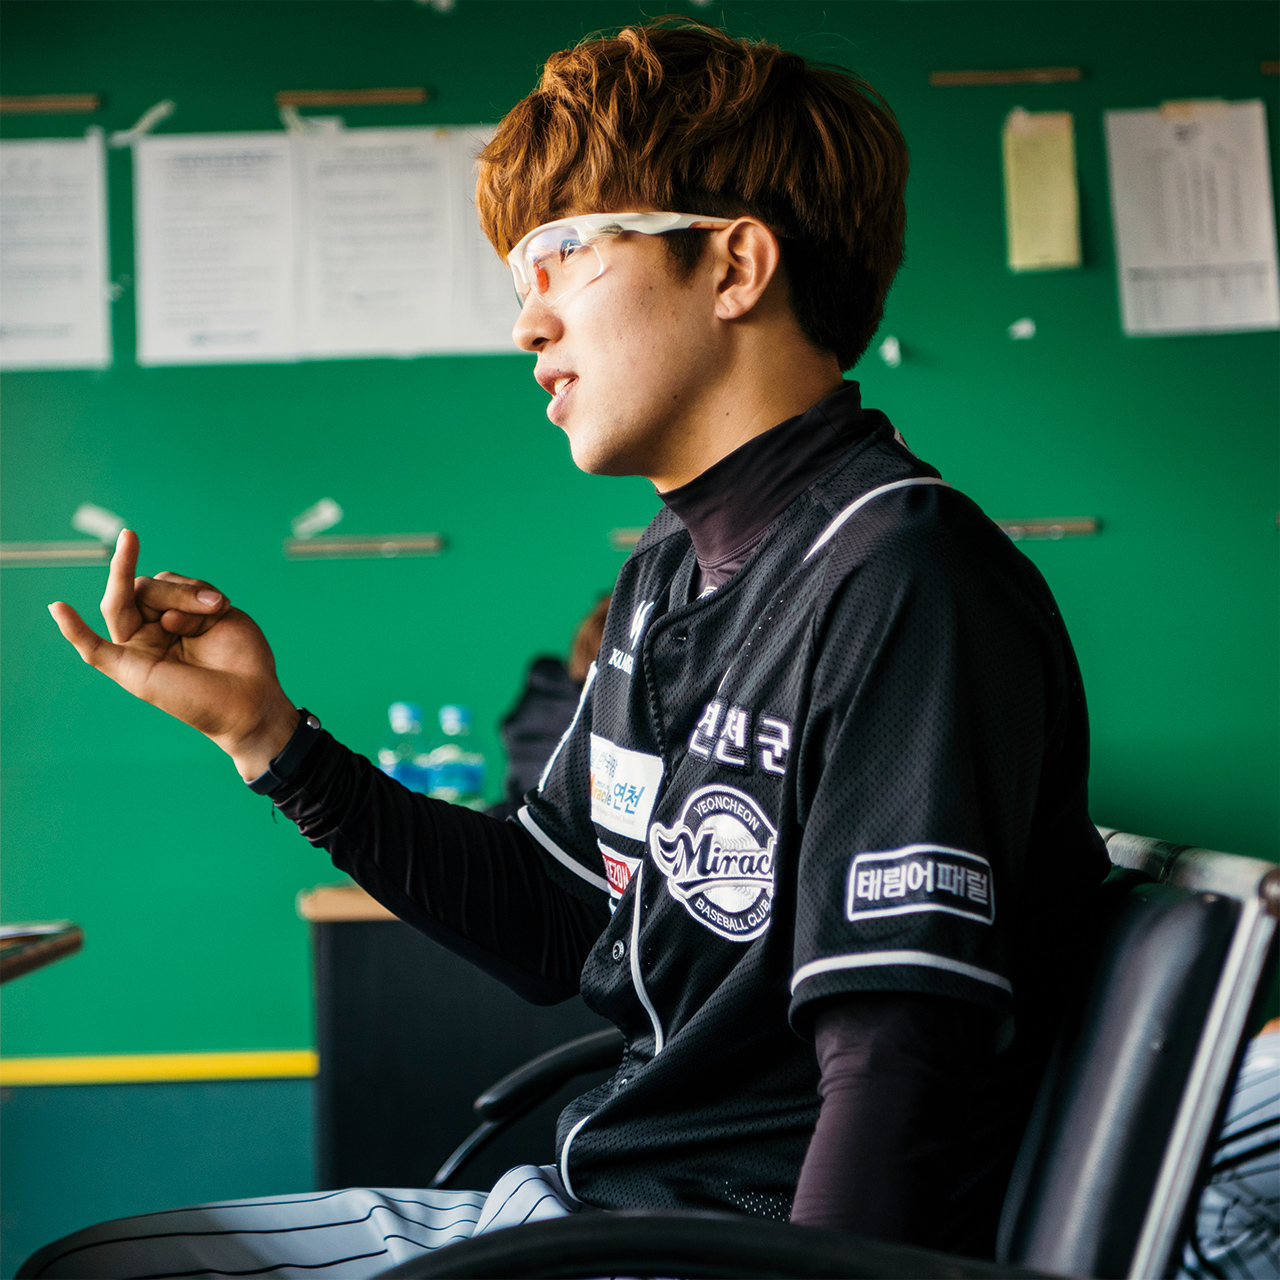 """<strong>김선곤(5번, 1992년생), 내야수</strong><br/>""""야구 그만두고 다른 일을 좀 했어요. 그때는 어려서 운동의 소중함을 몰랐어요. 이제는 제가 왜 운동을 해야 하는지 알아요."""""""